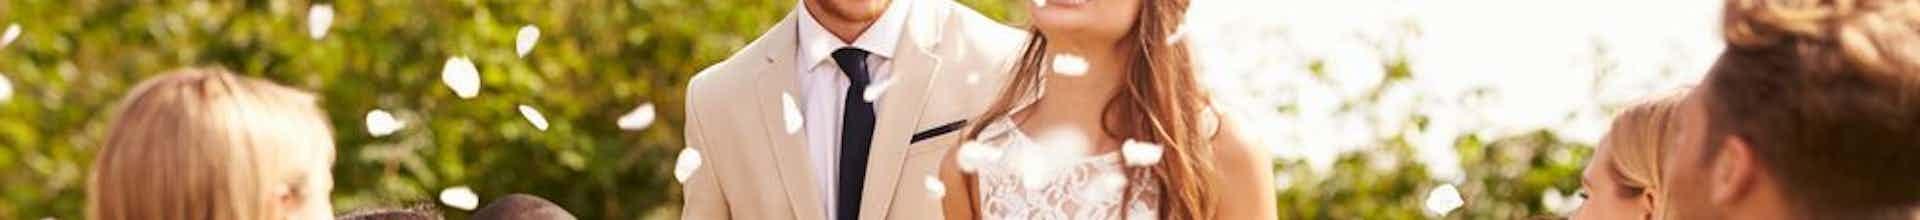 bruiloft muziek tijdens ceremonie.jpeg